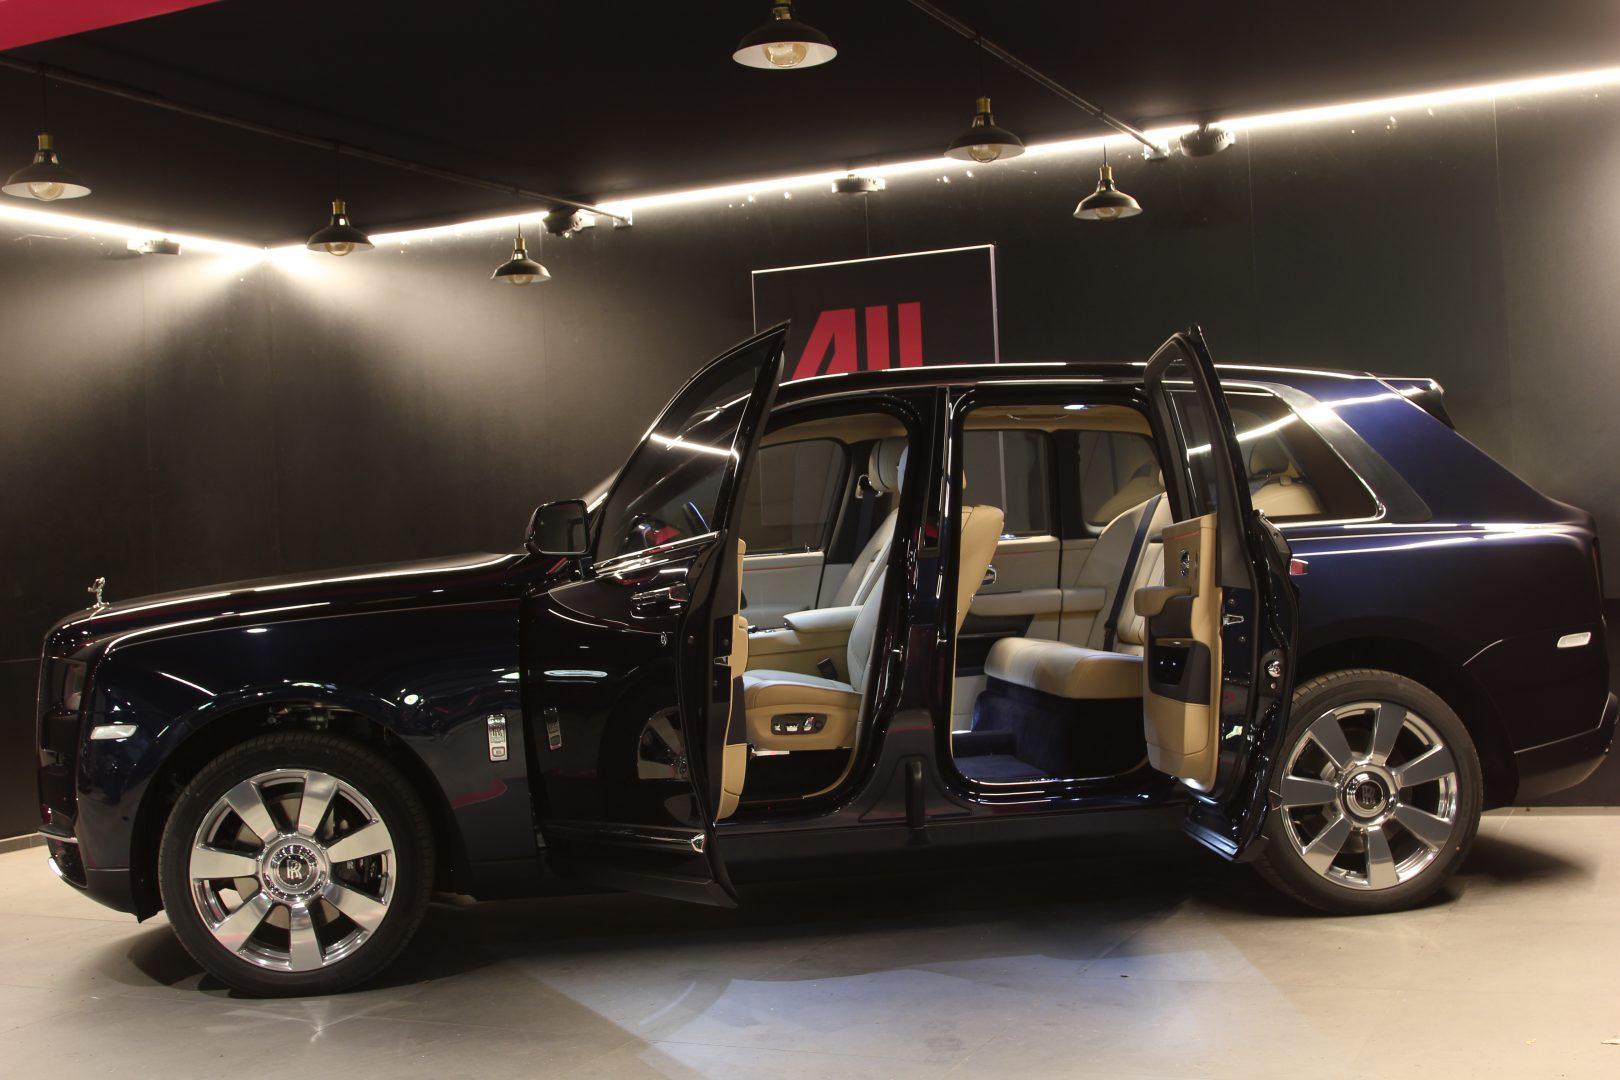 AIL Rolls Royce Cullinan V12 5